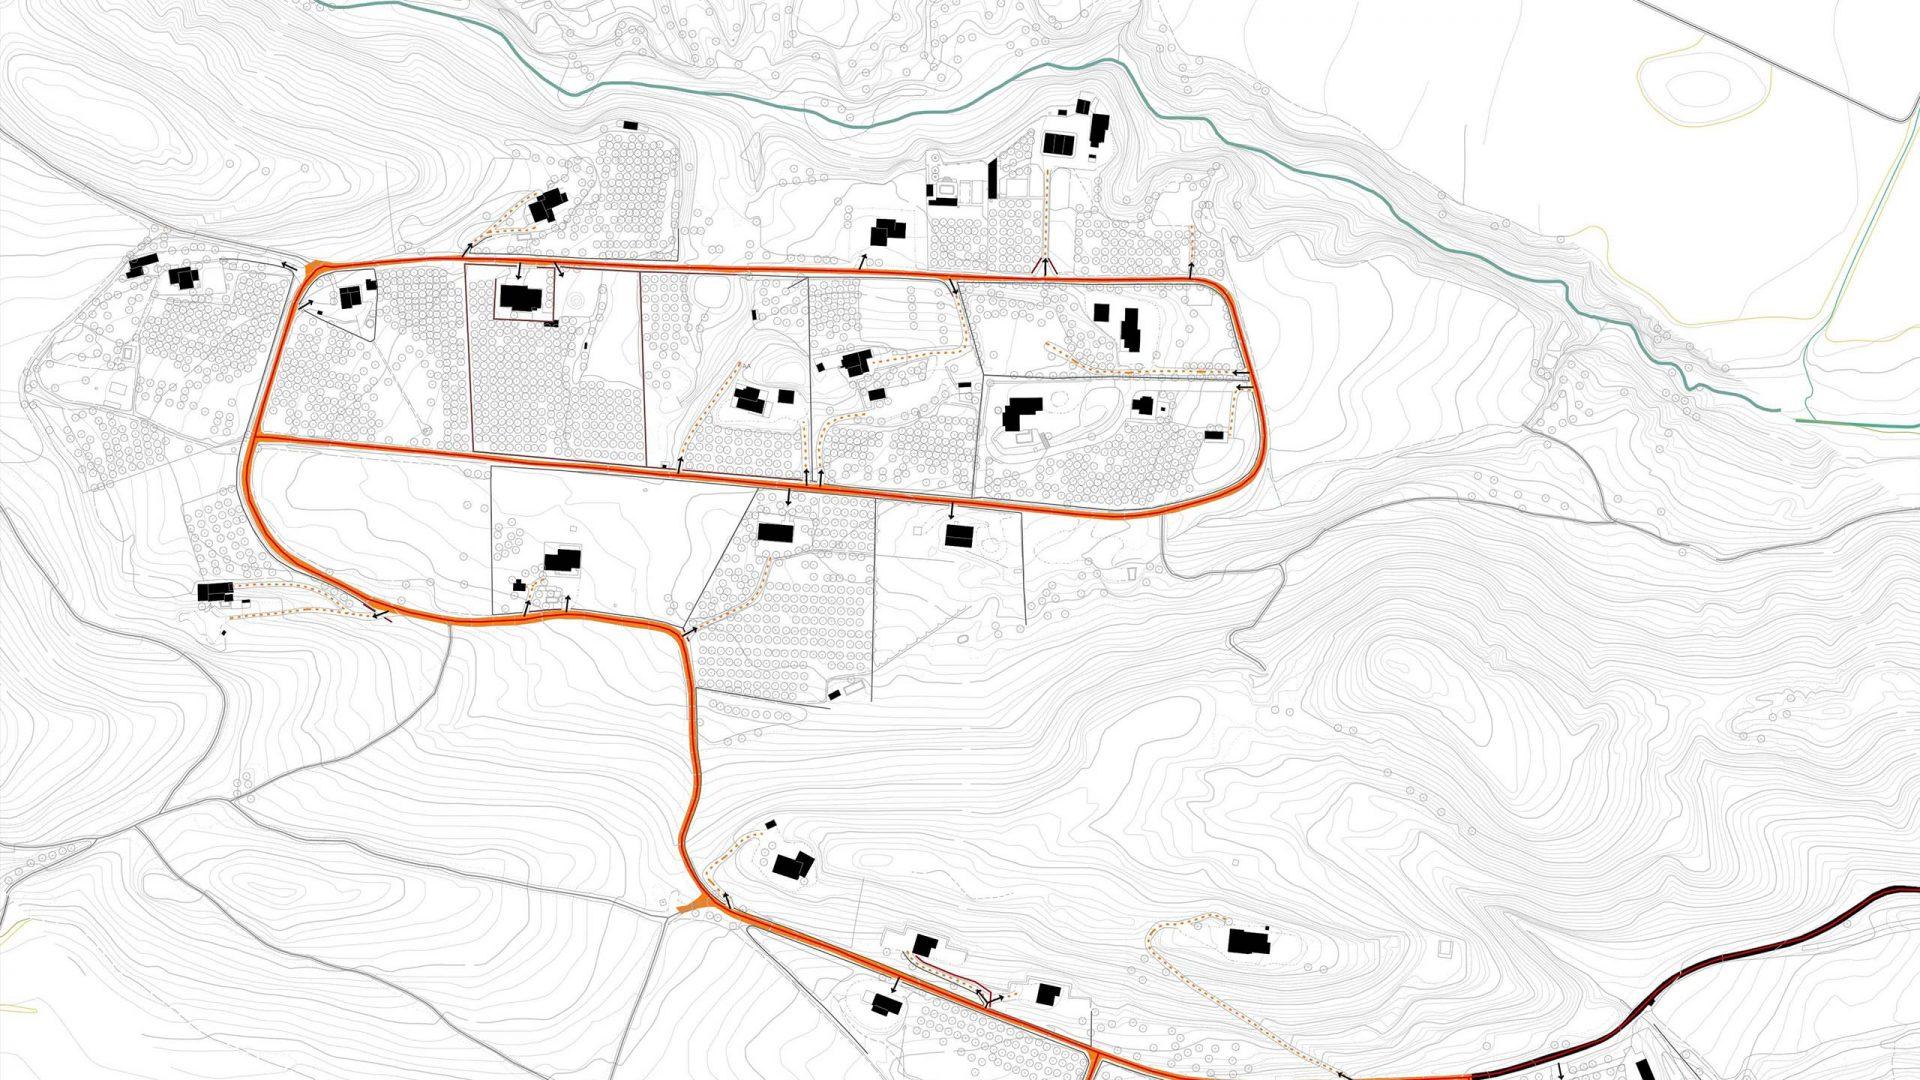 Amplada de vial i nivell d'urbanització